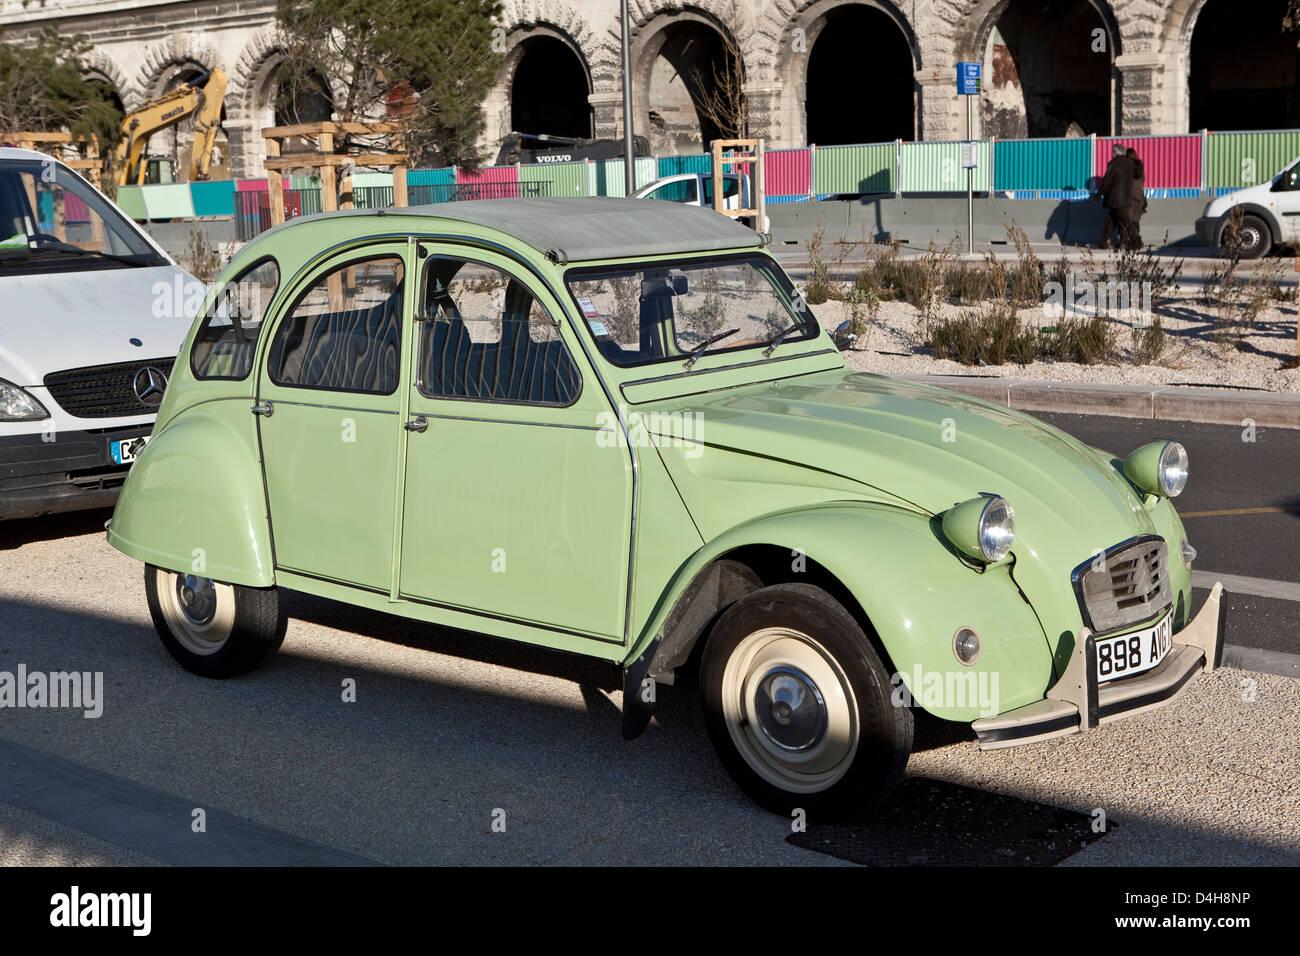 Citroen motorcar - Stock Image